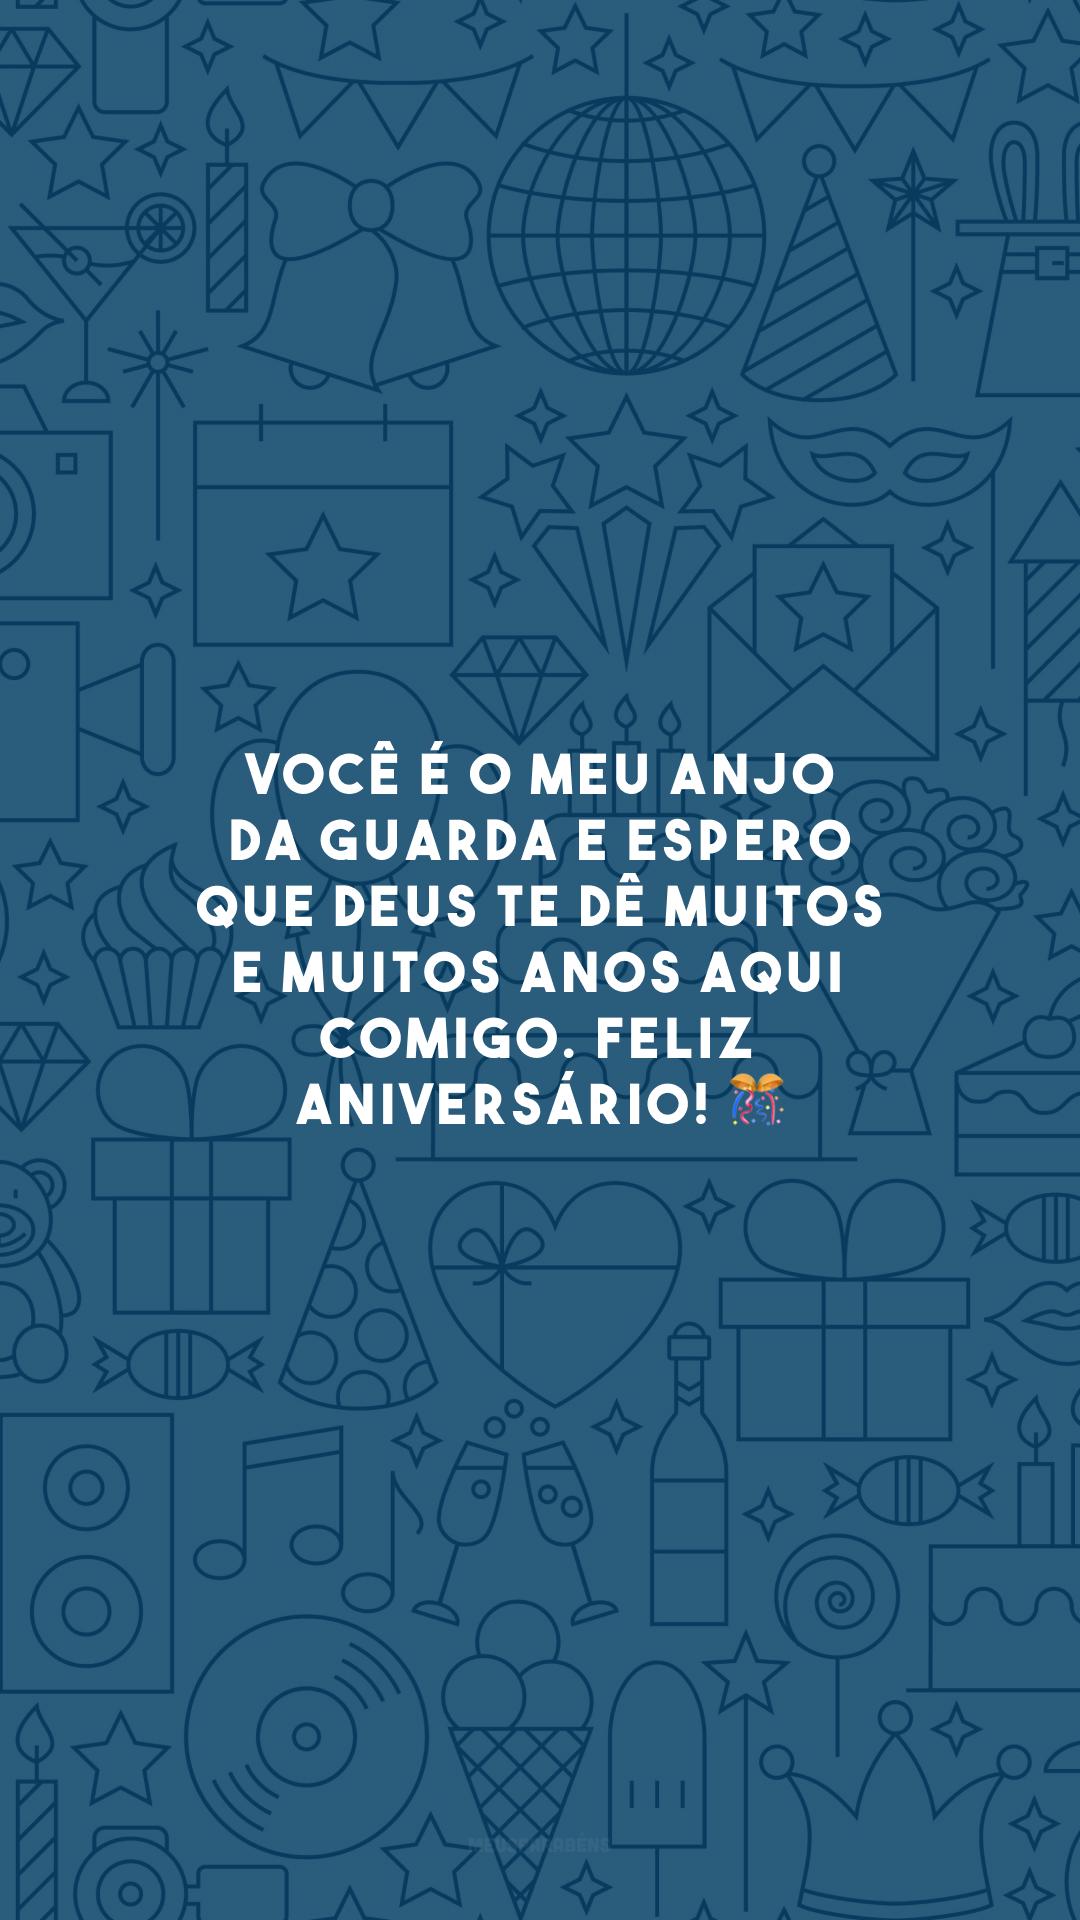 Você é o meu anjo da guarda e espero que Deus te dê muitos e muitos anos aqui comigo. Feliz aniversário! 🎊